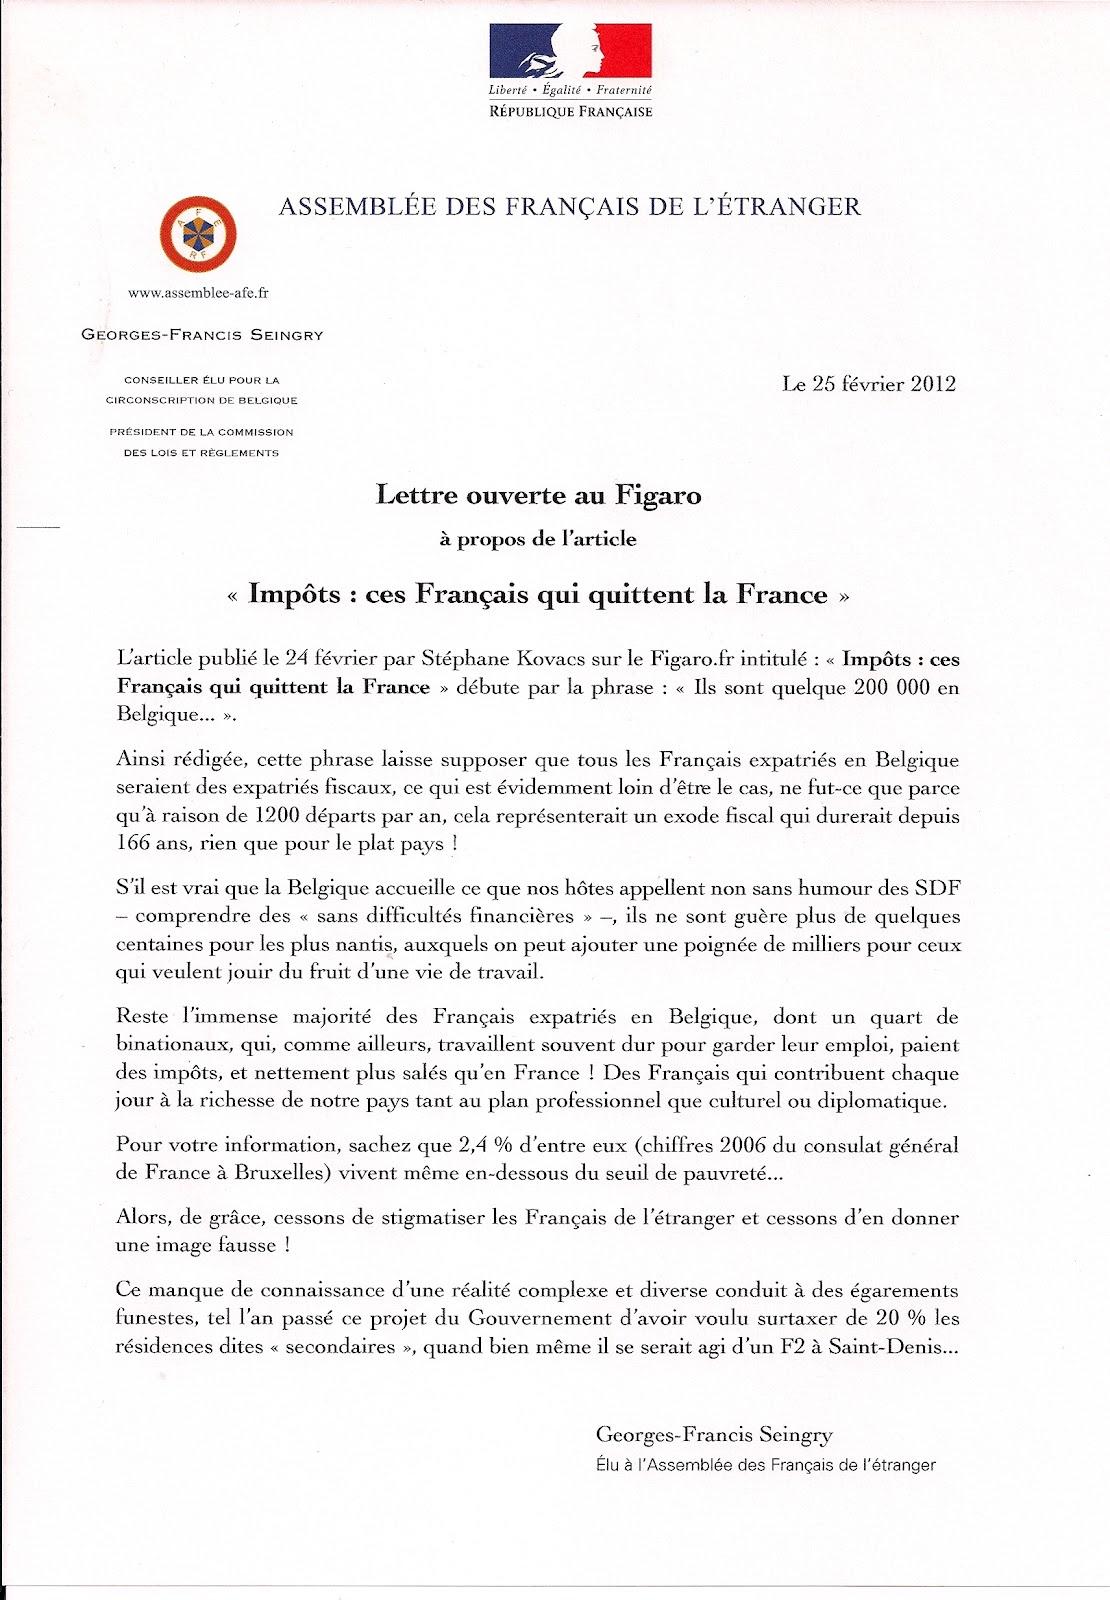 Seingry 2012 lettre au figaro sur ces fran ais qui for Cuisinier francais 6 lettres